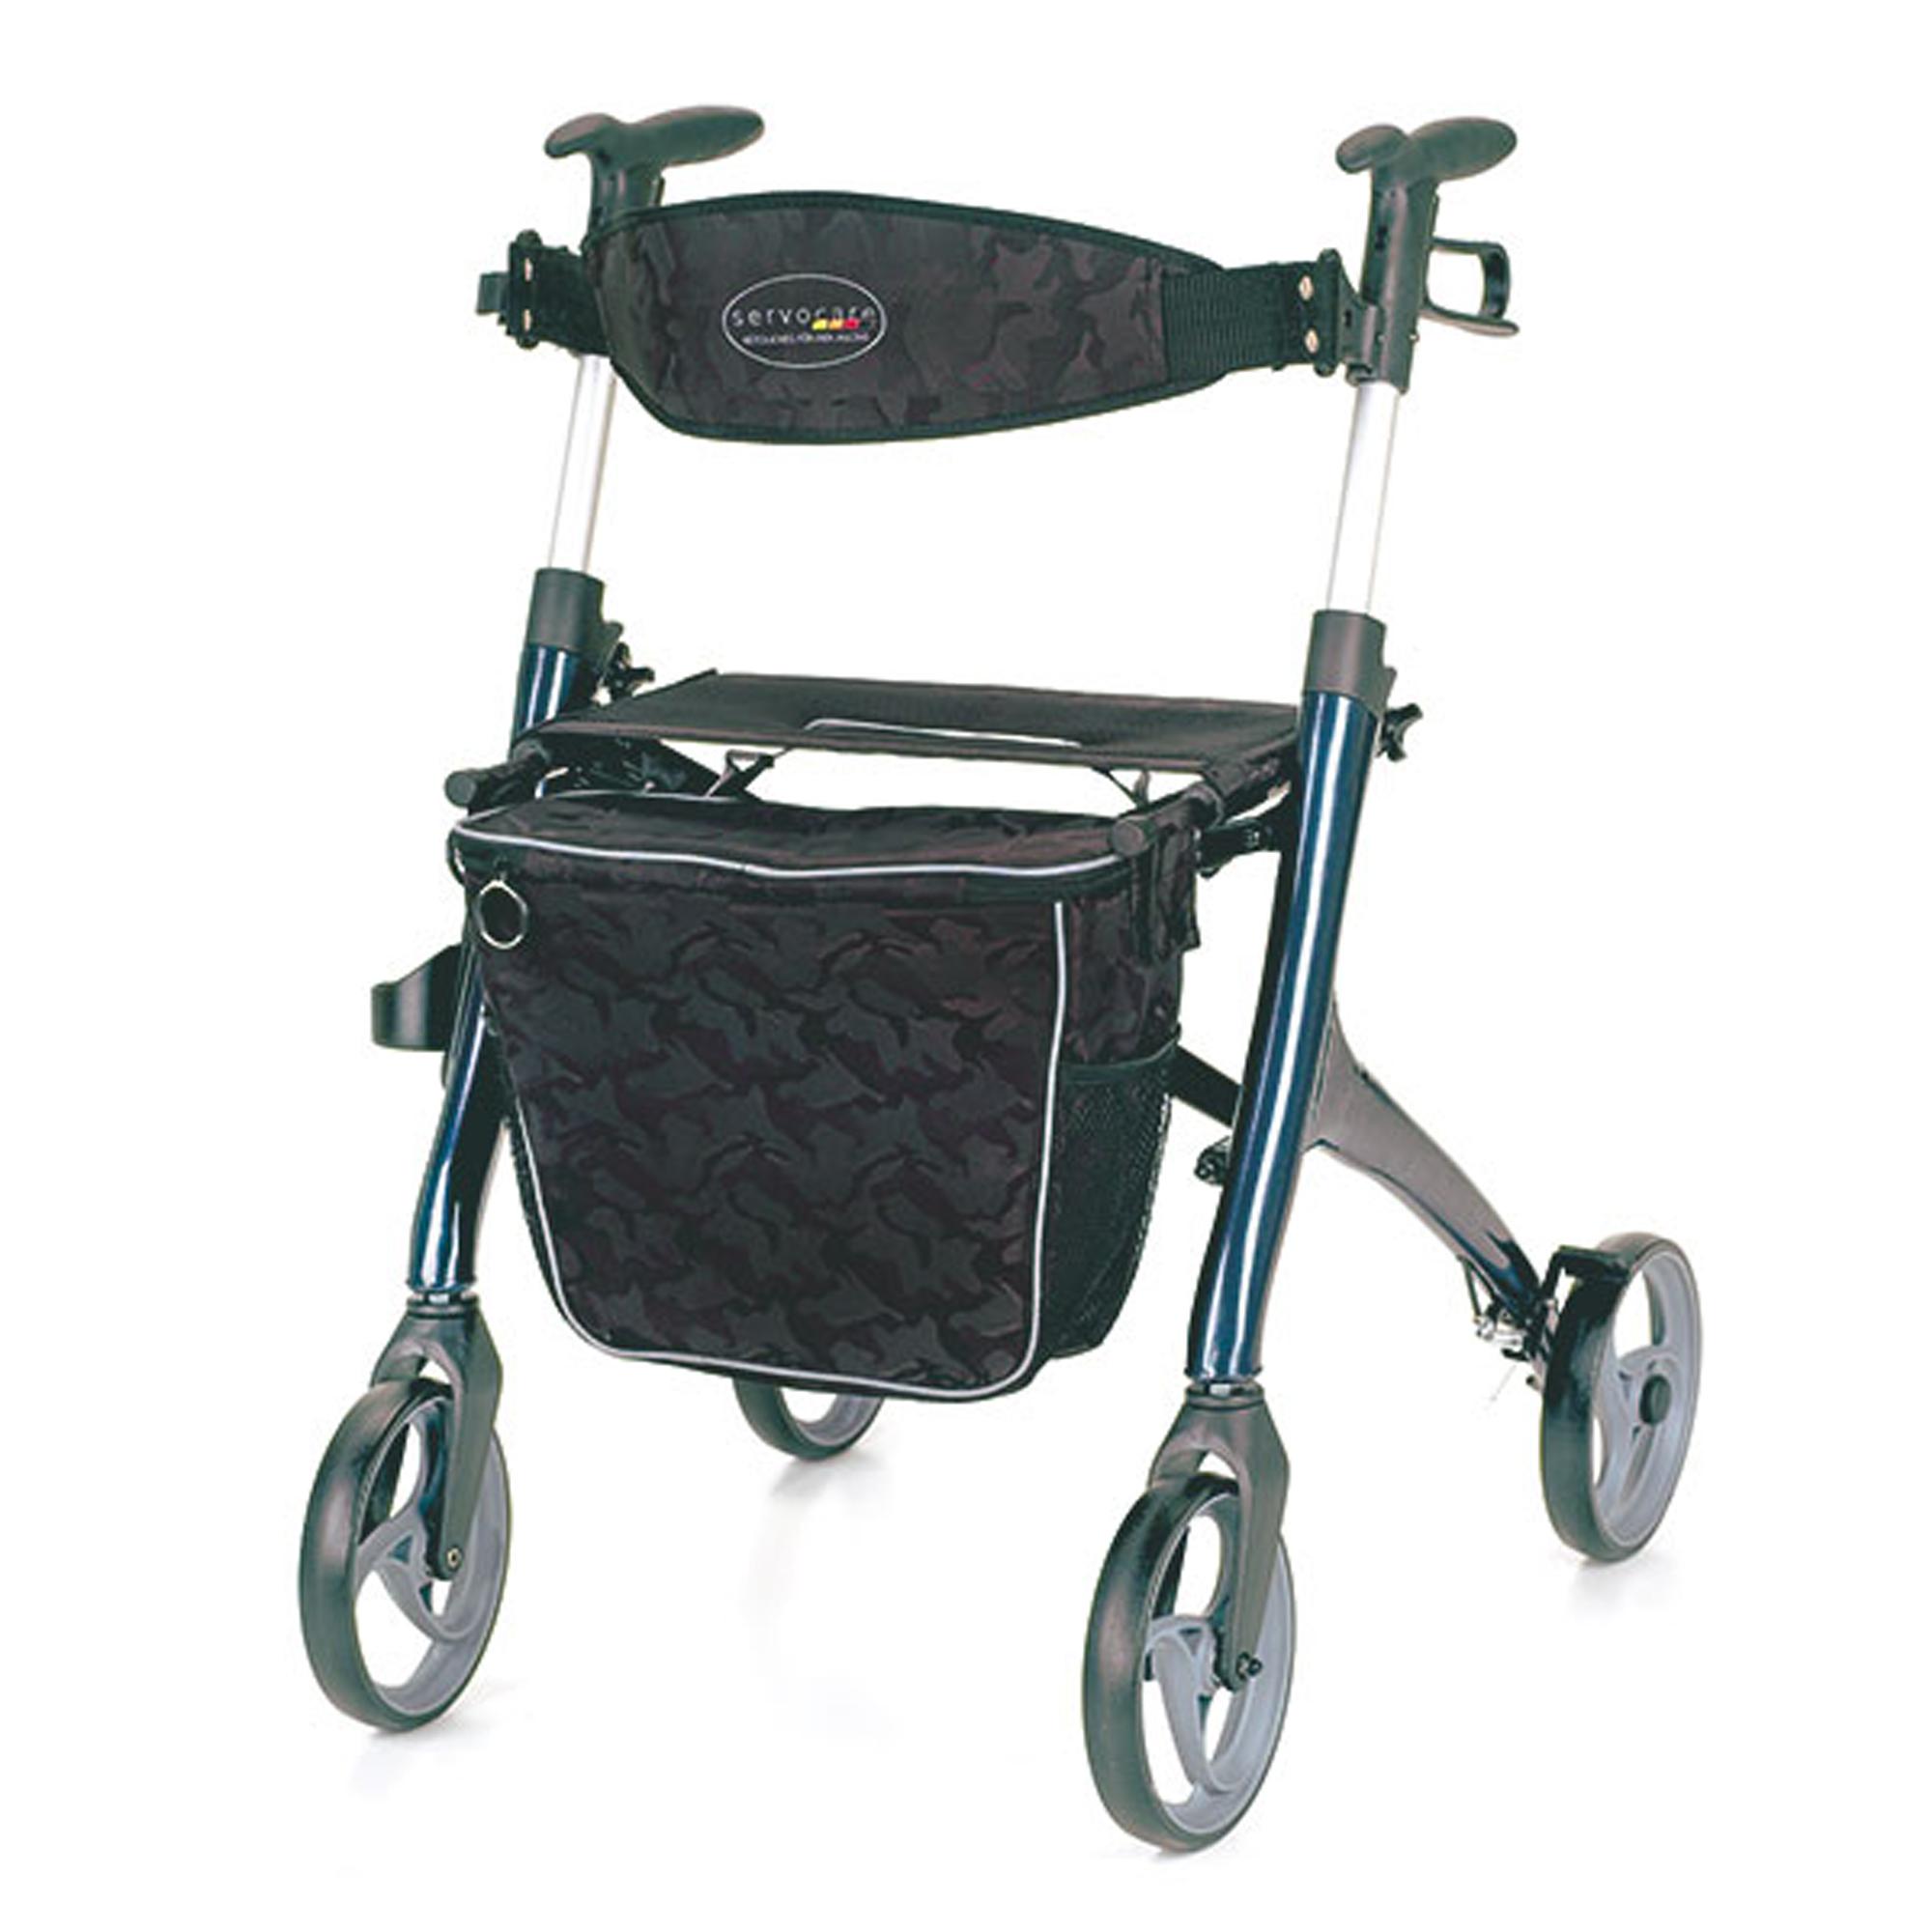 Servocare 4-Rad Rollator Premium mit Sitzfläche und Tasche Homecare ...